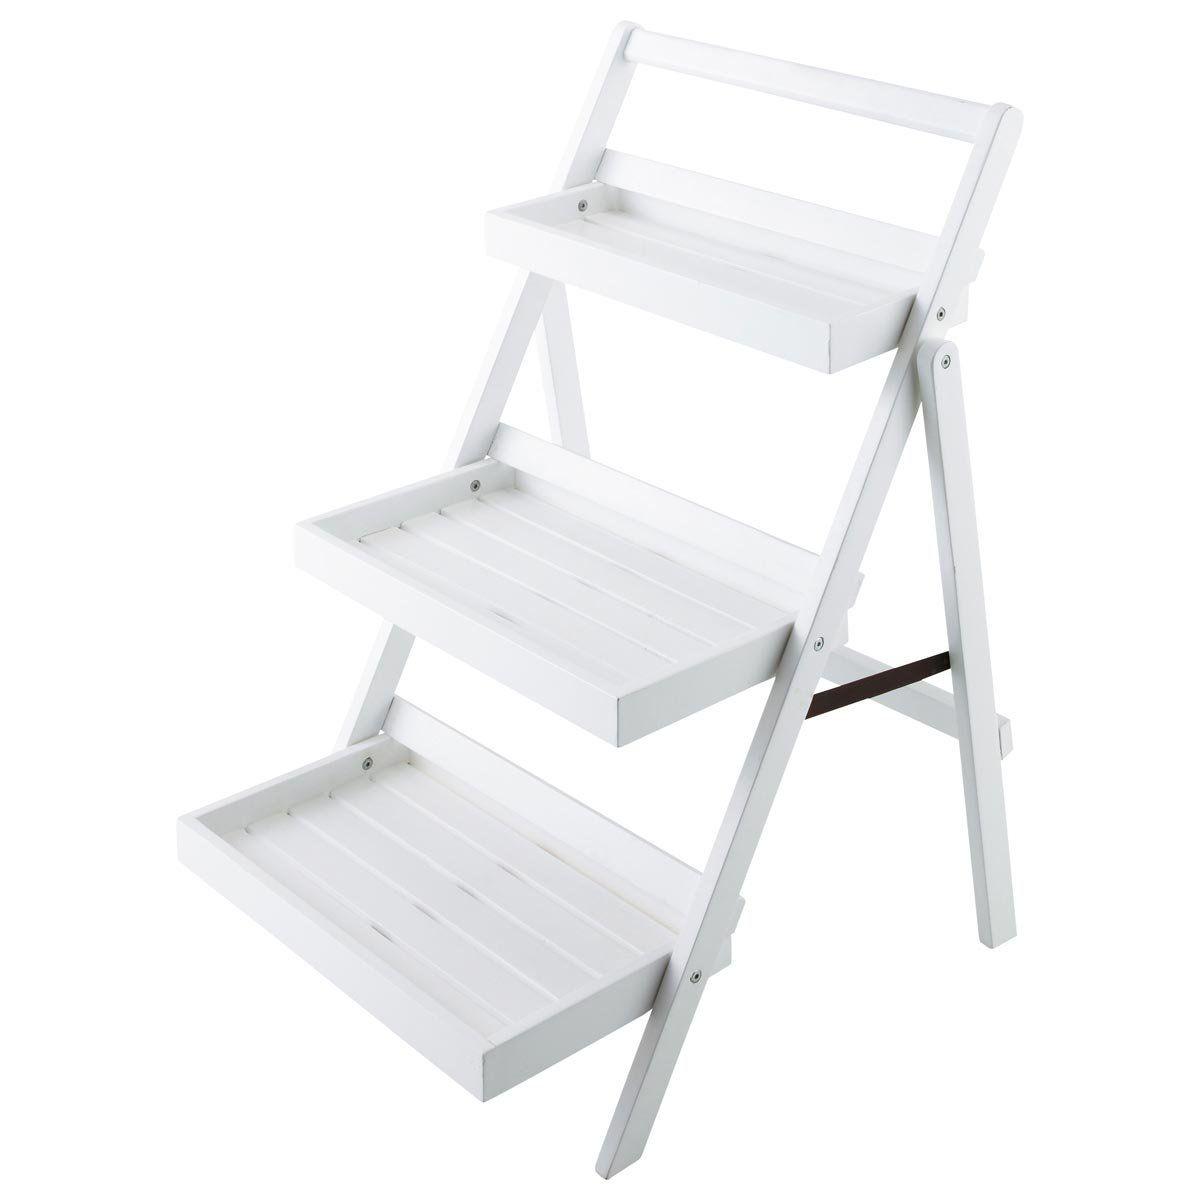 Estantería-escalera para jardín blanca ETRETAT 48,30 | HOME ...